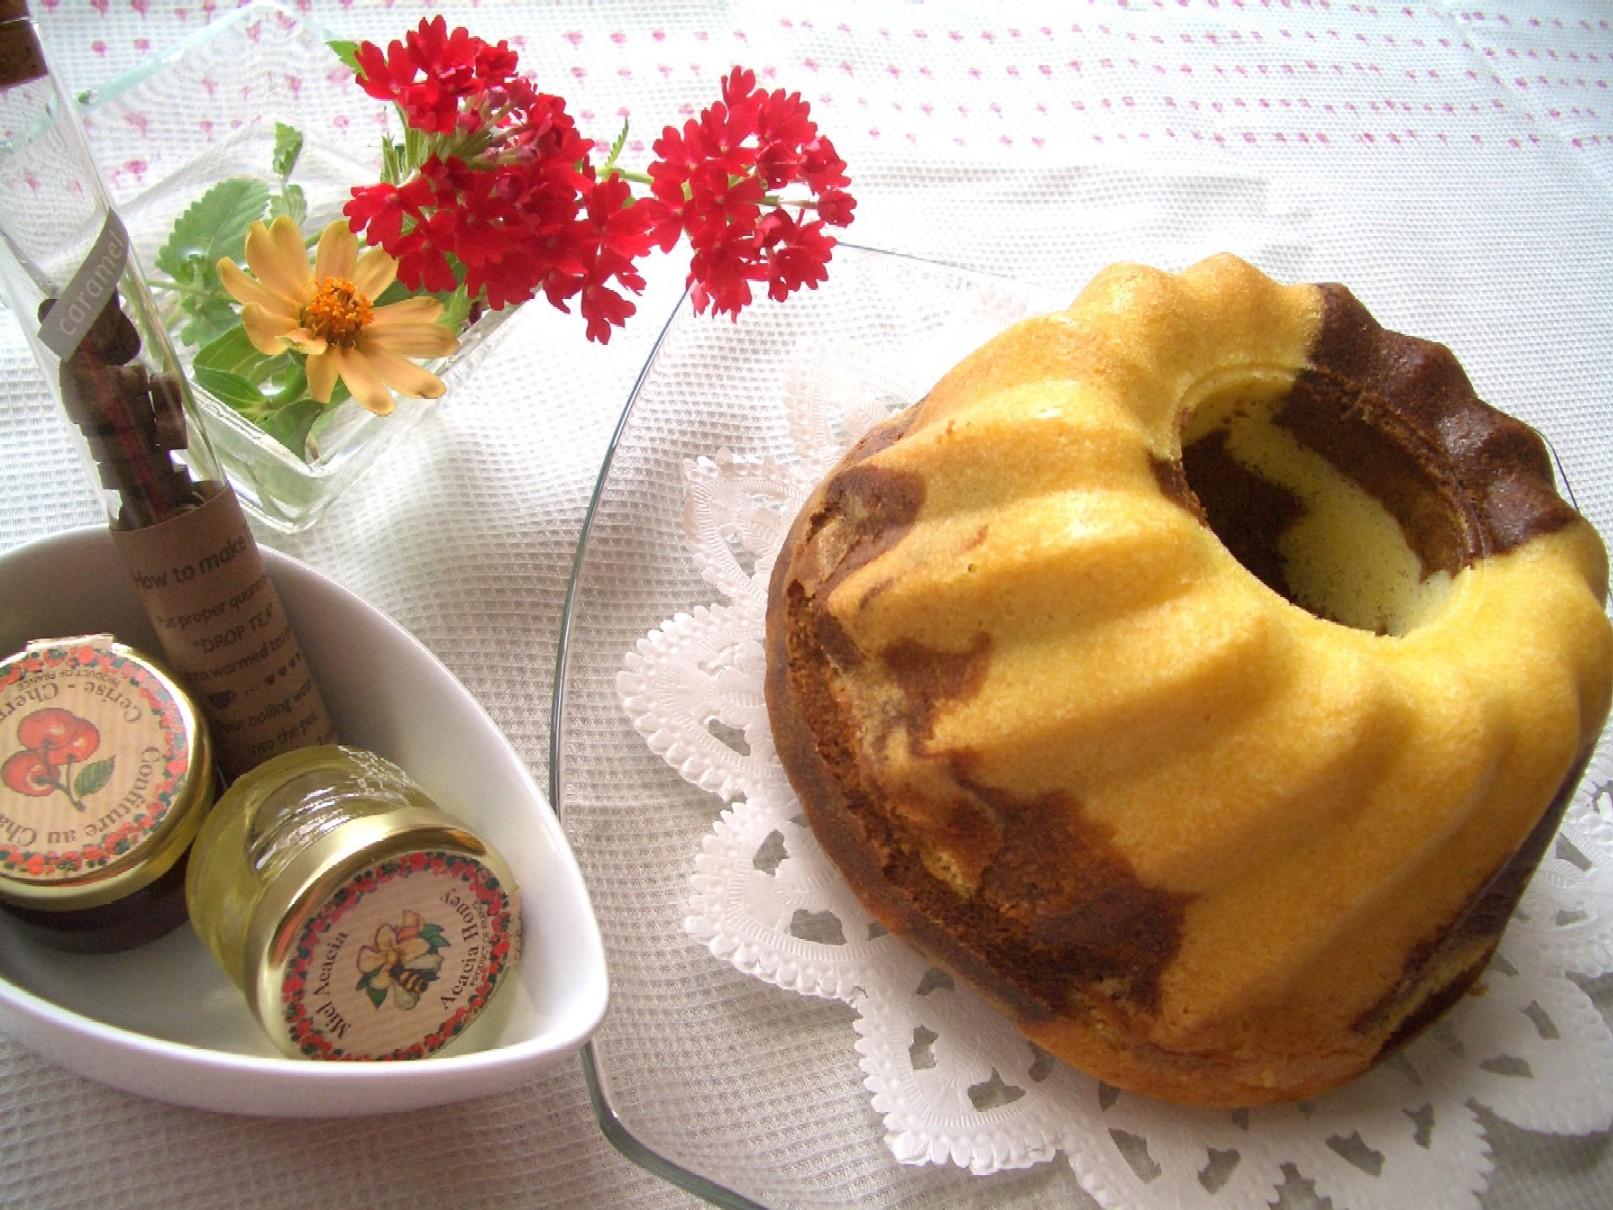 クグロフ型・コーヒーマーブルケーキ♡_d0034447_11593520.jpg